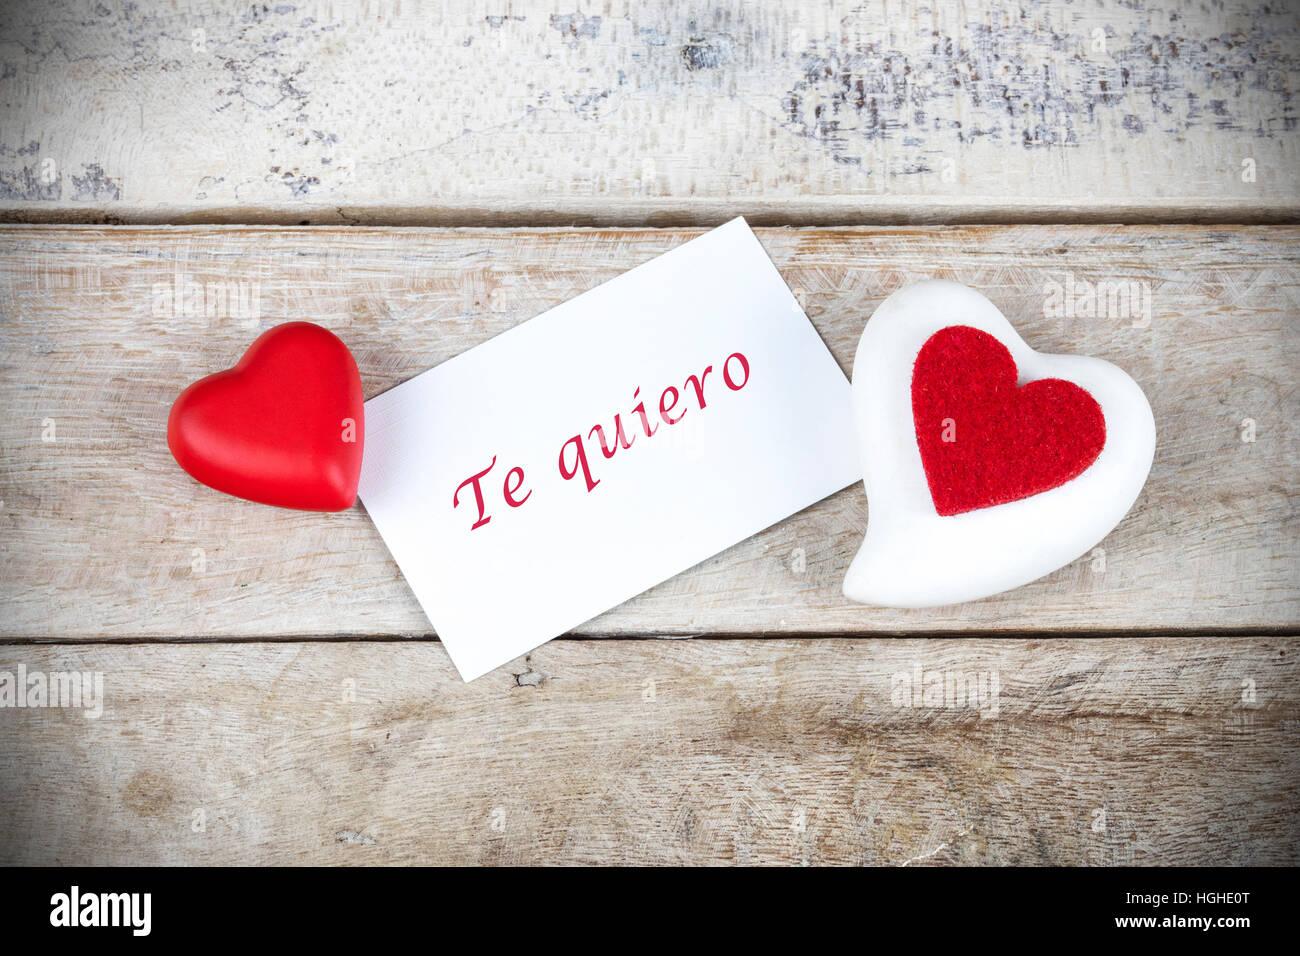 Valentinstag Grusskarte Auf Holztisch Mit Text In Spanisch Te